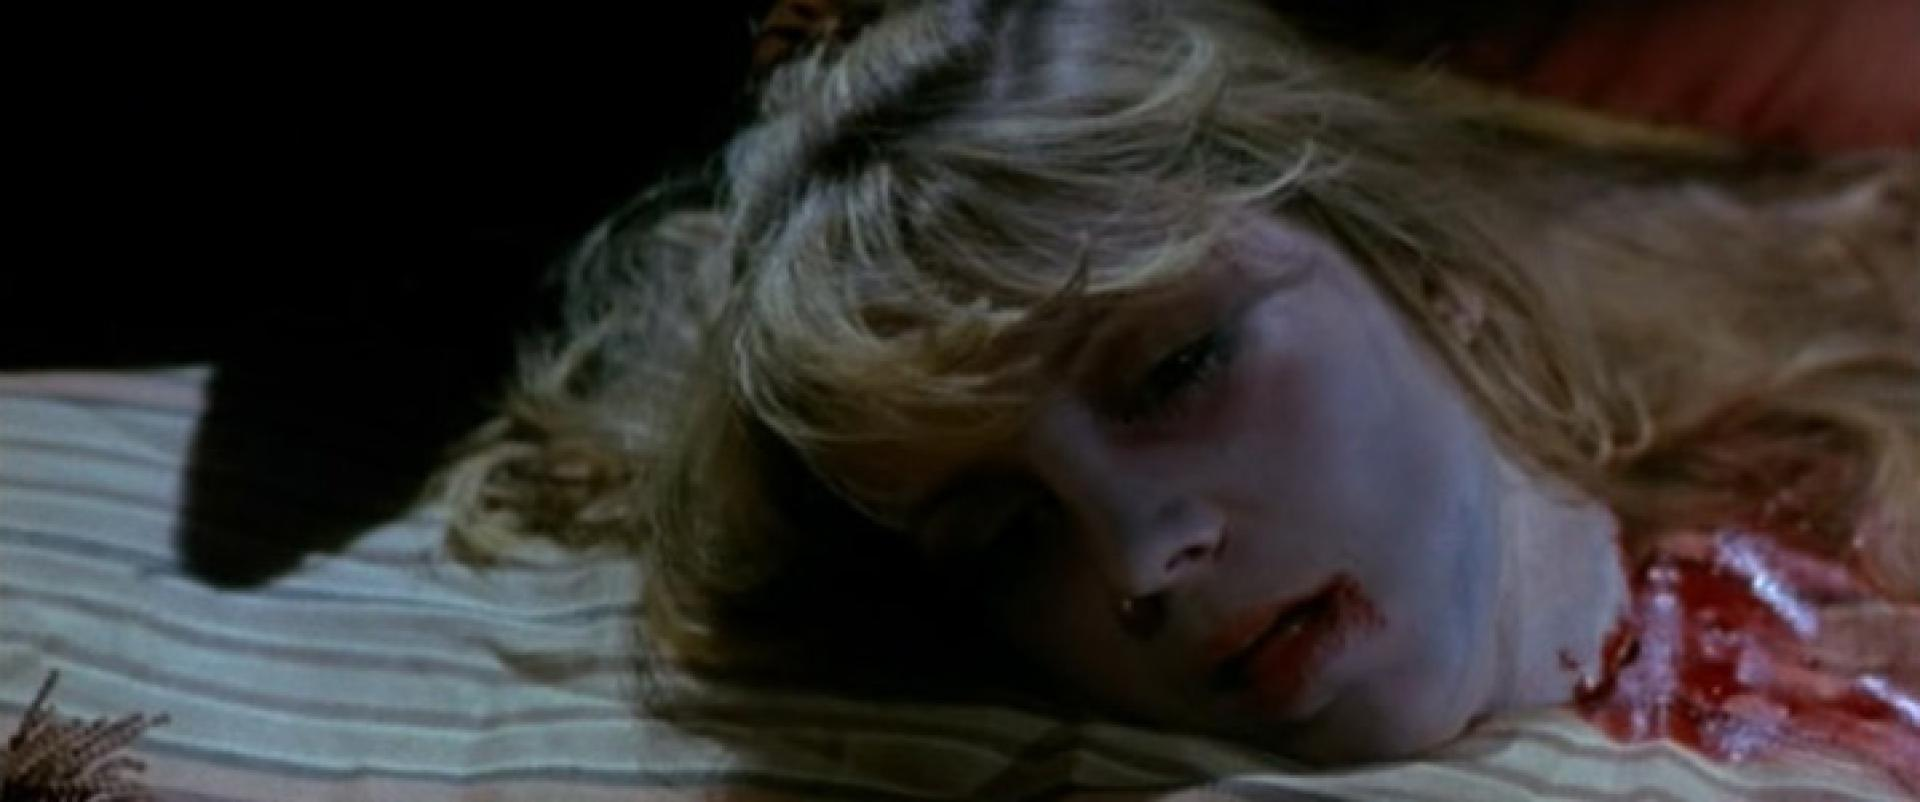 Hell Night (1981)